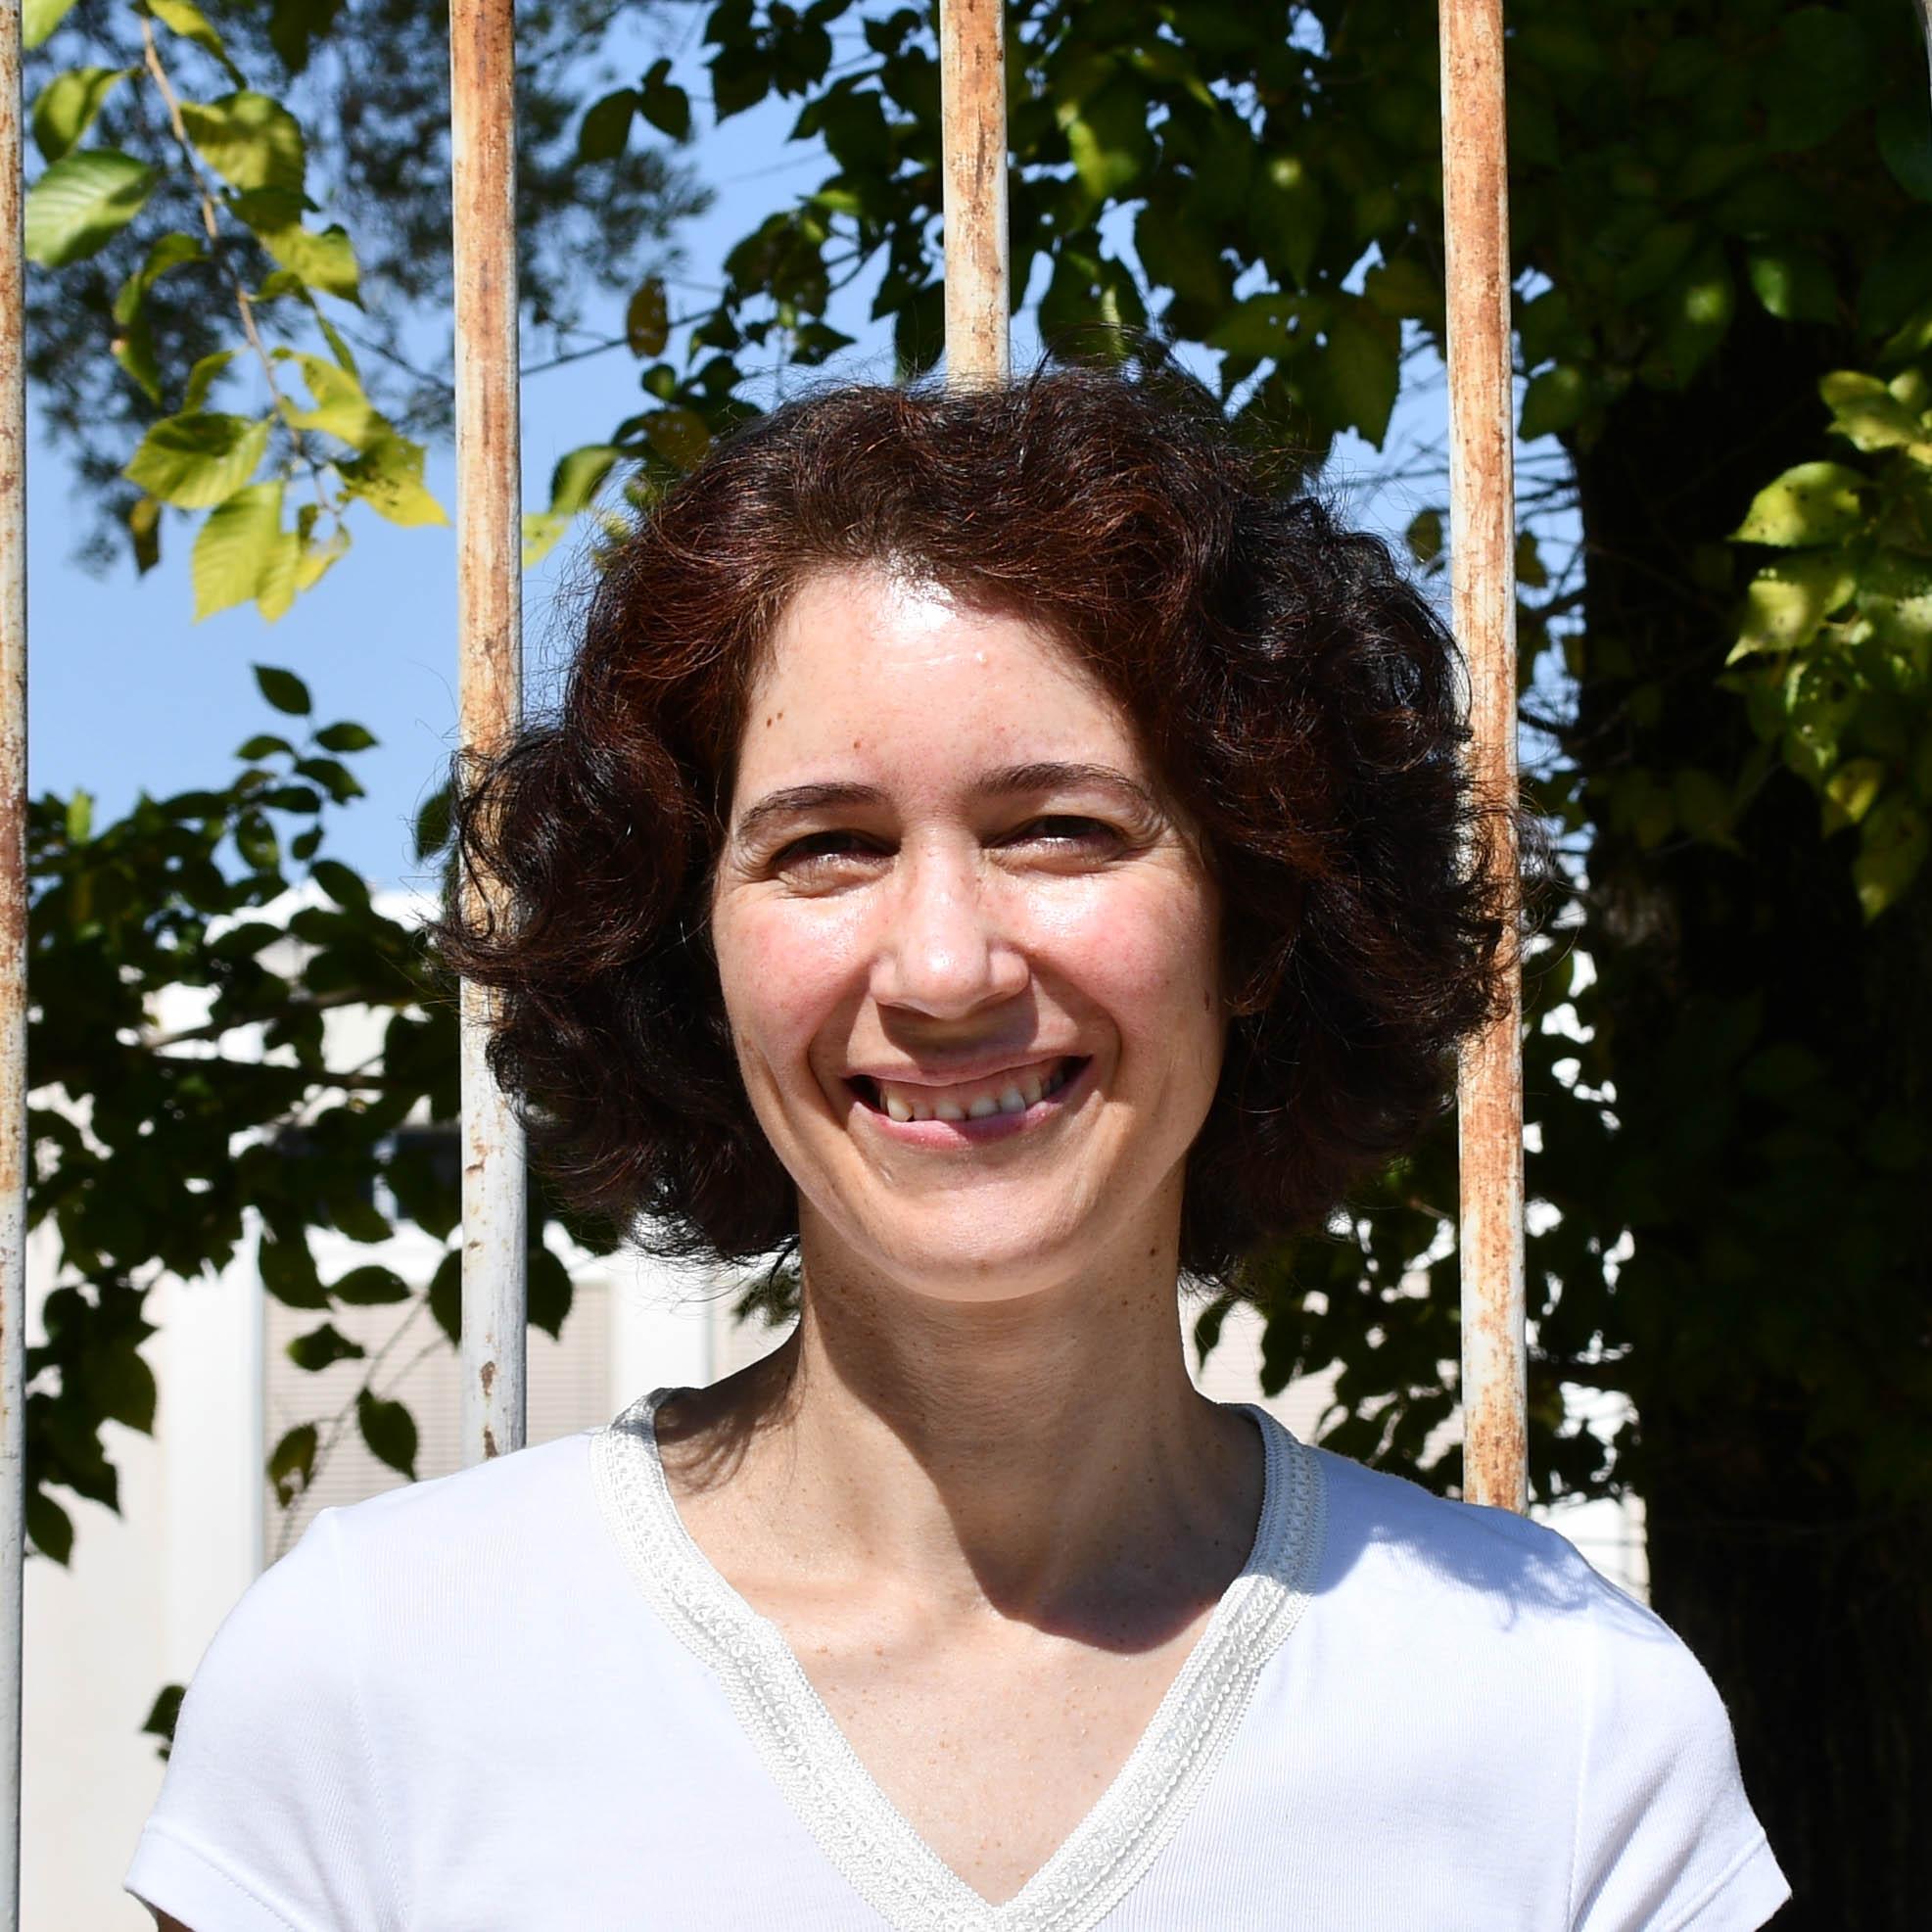 Ana Horta